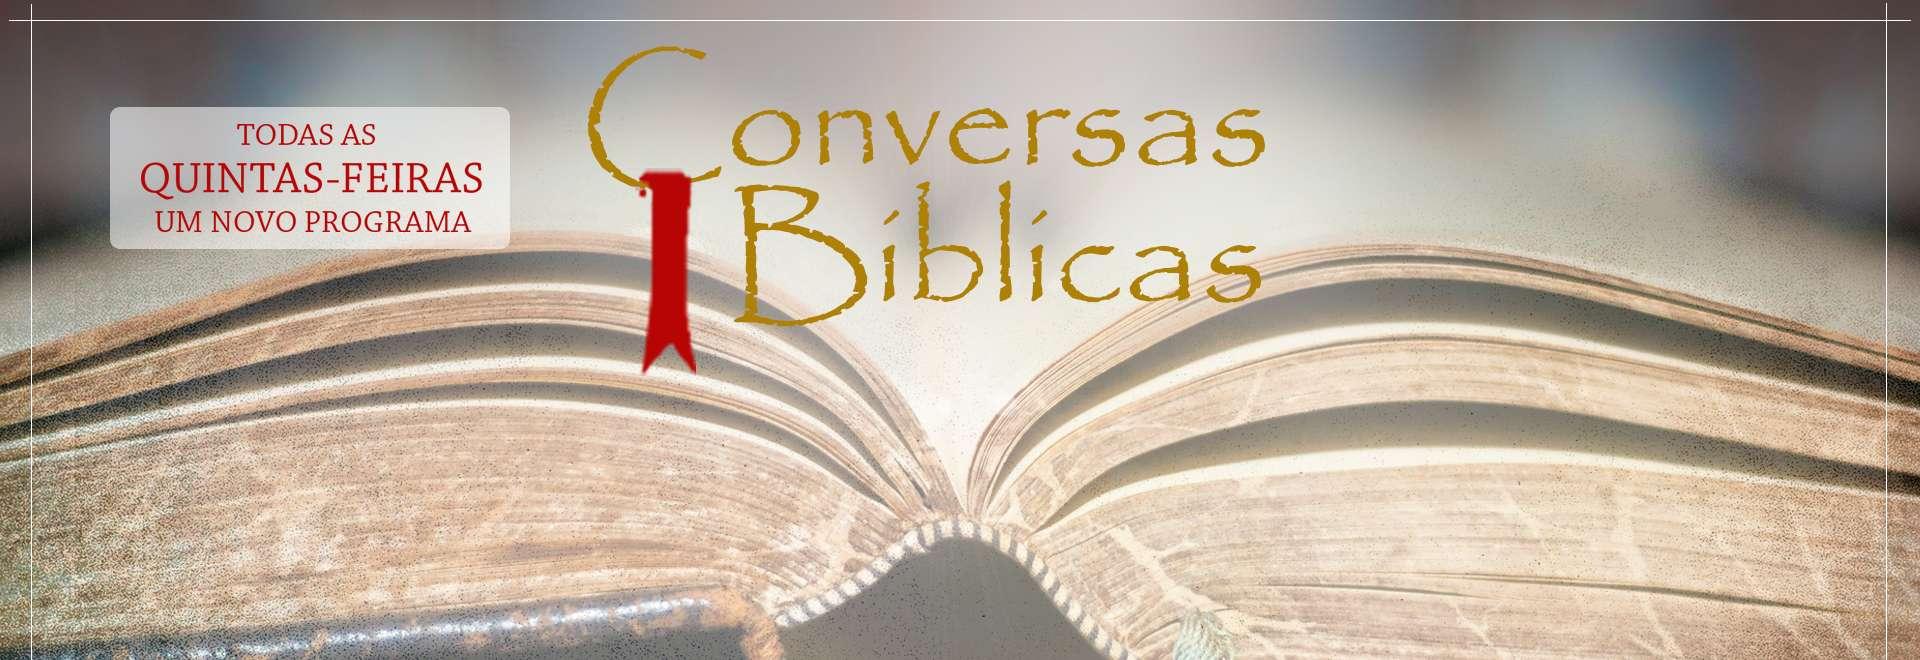 Conversas Bíblicas: Batismo com o Espírito Santo - Parte 3